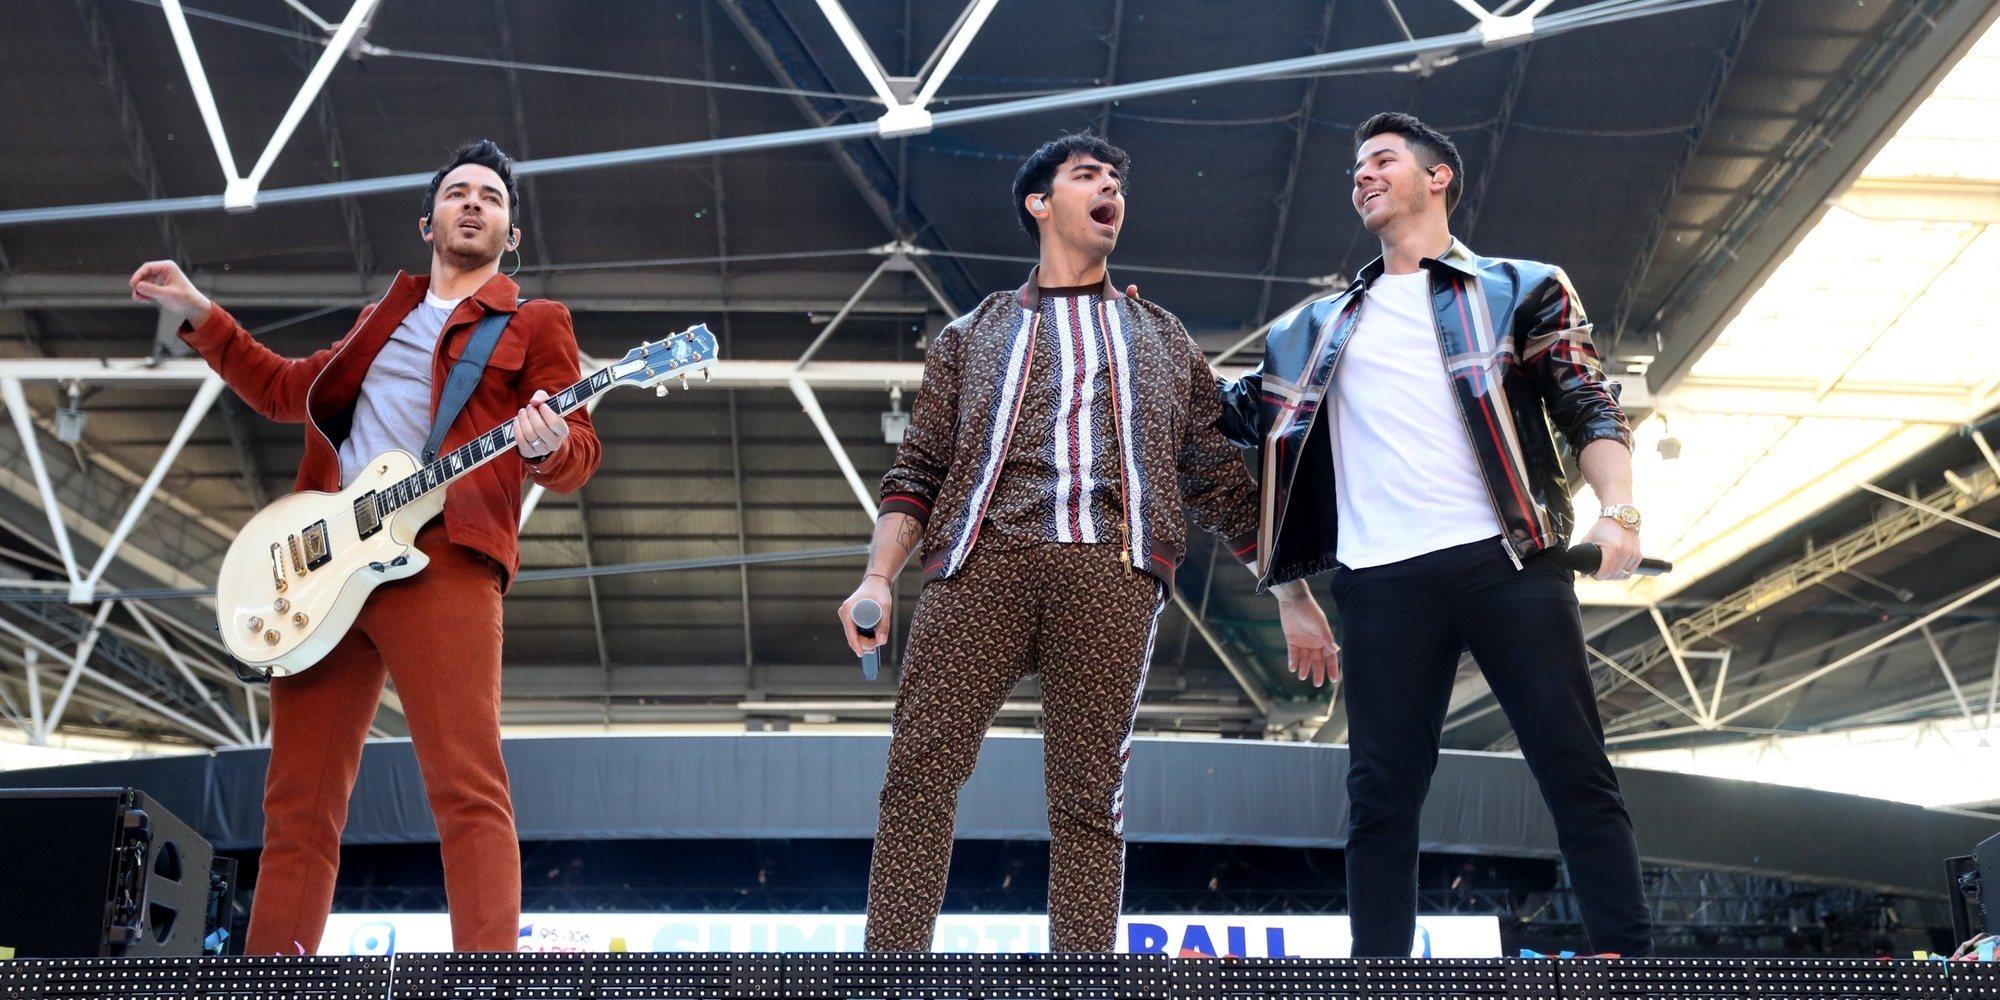 Los Jonas Brothers cuentan quién fue la persona que desveló su vuelta a los escenarios antes de tiempo